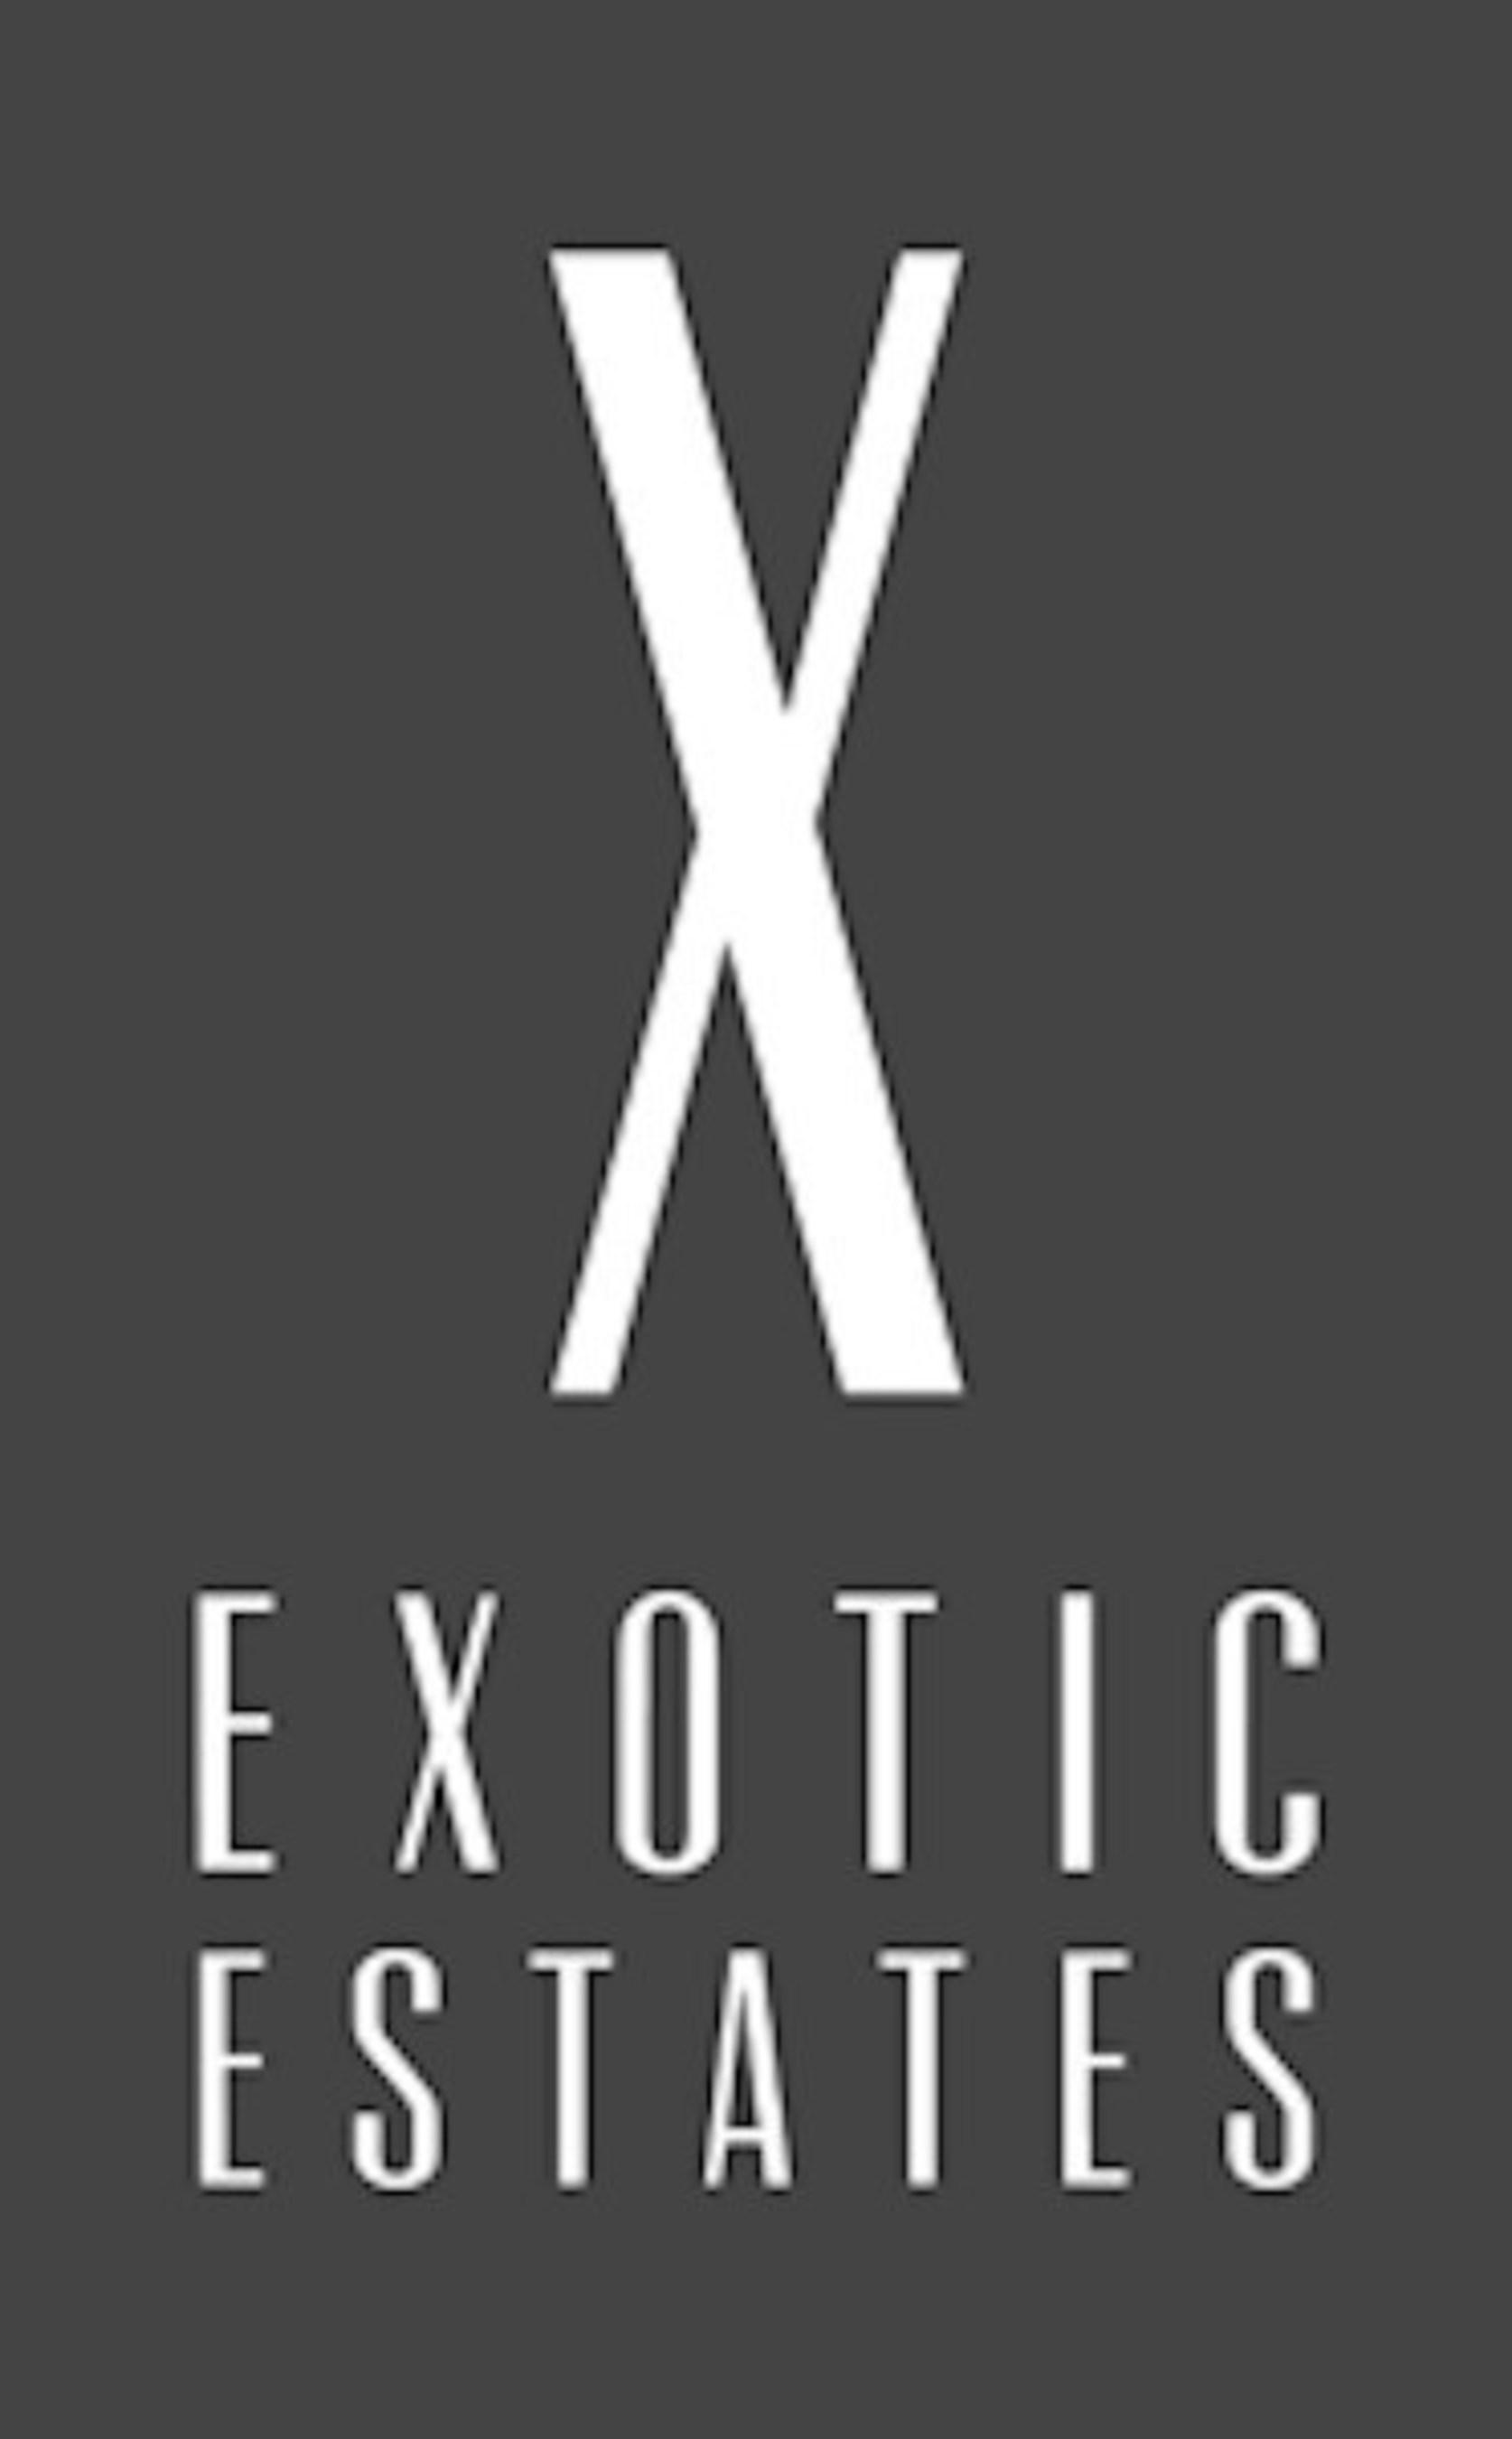 Exotic Estates - Luxury Vacation Villas